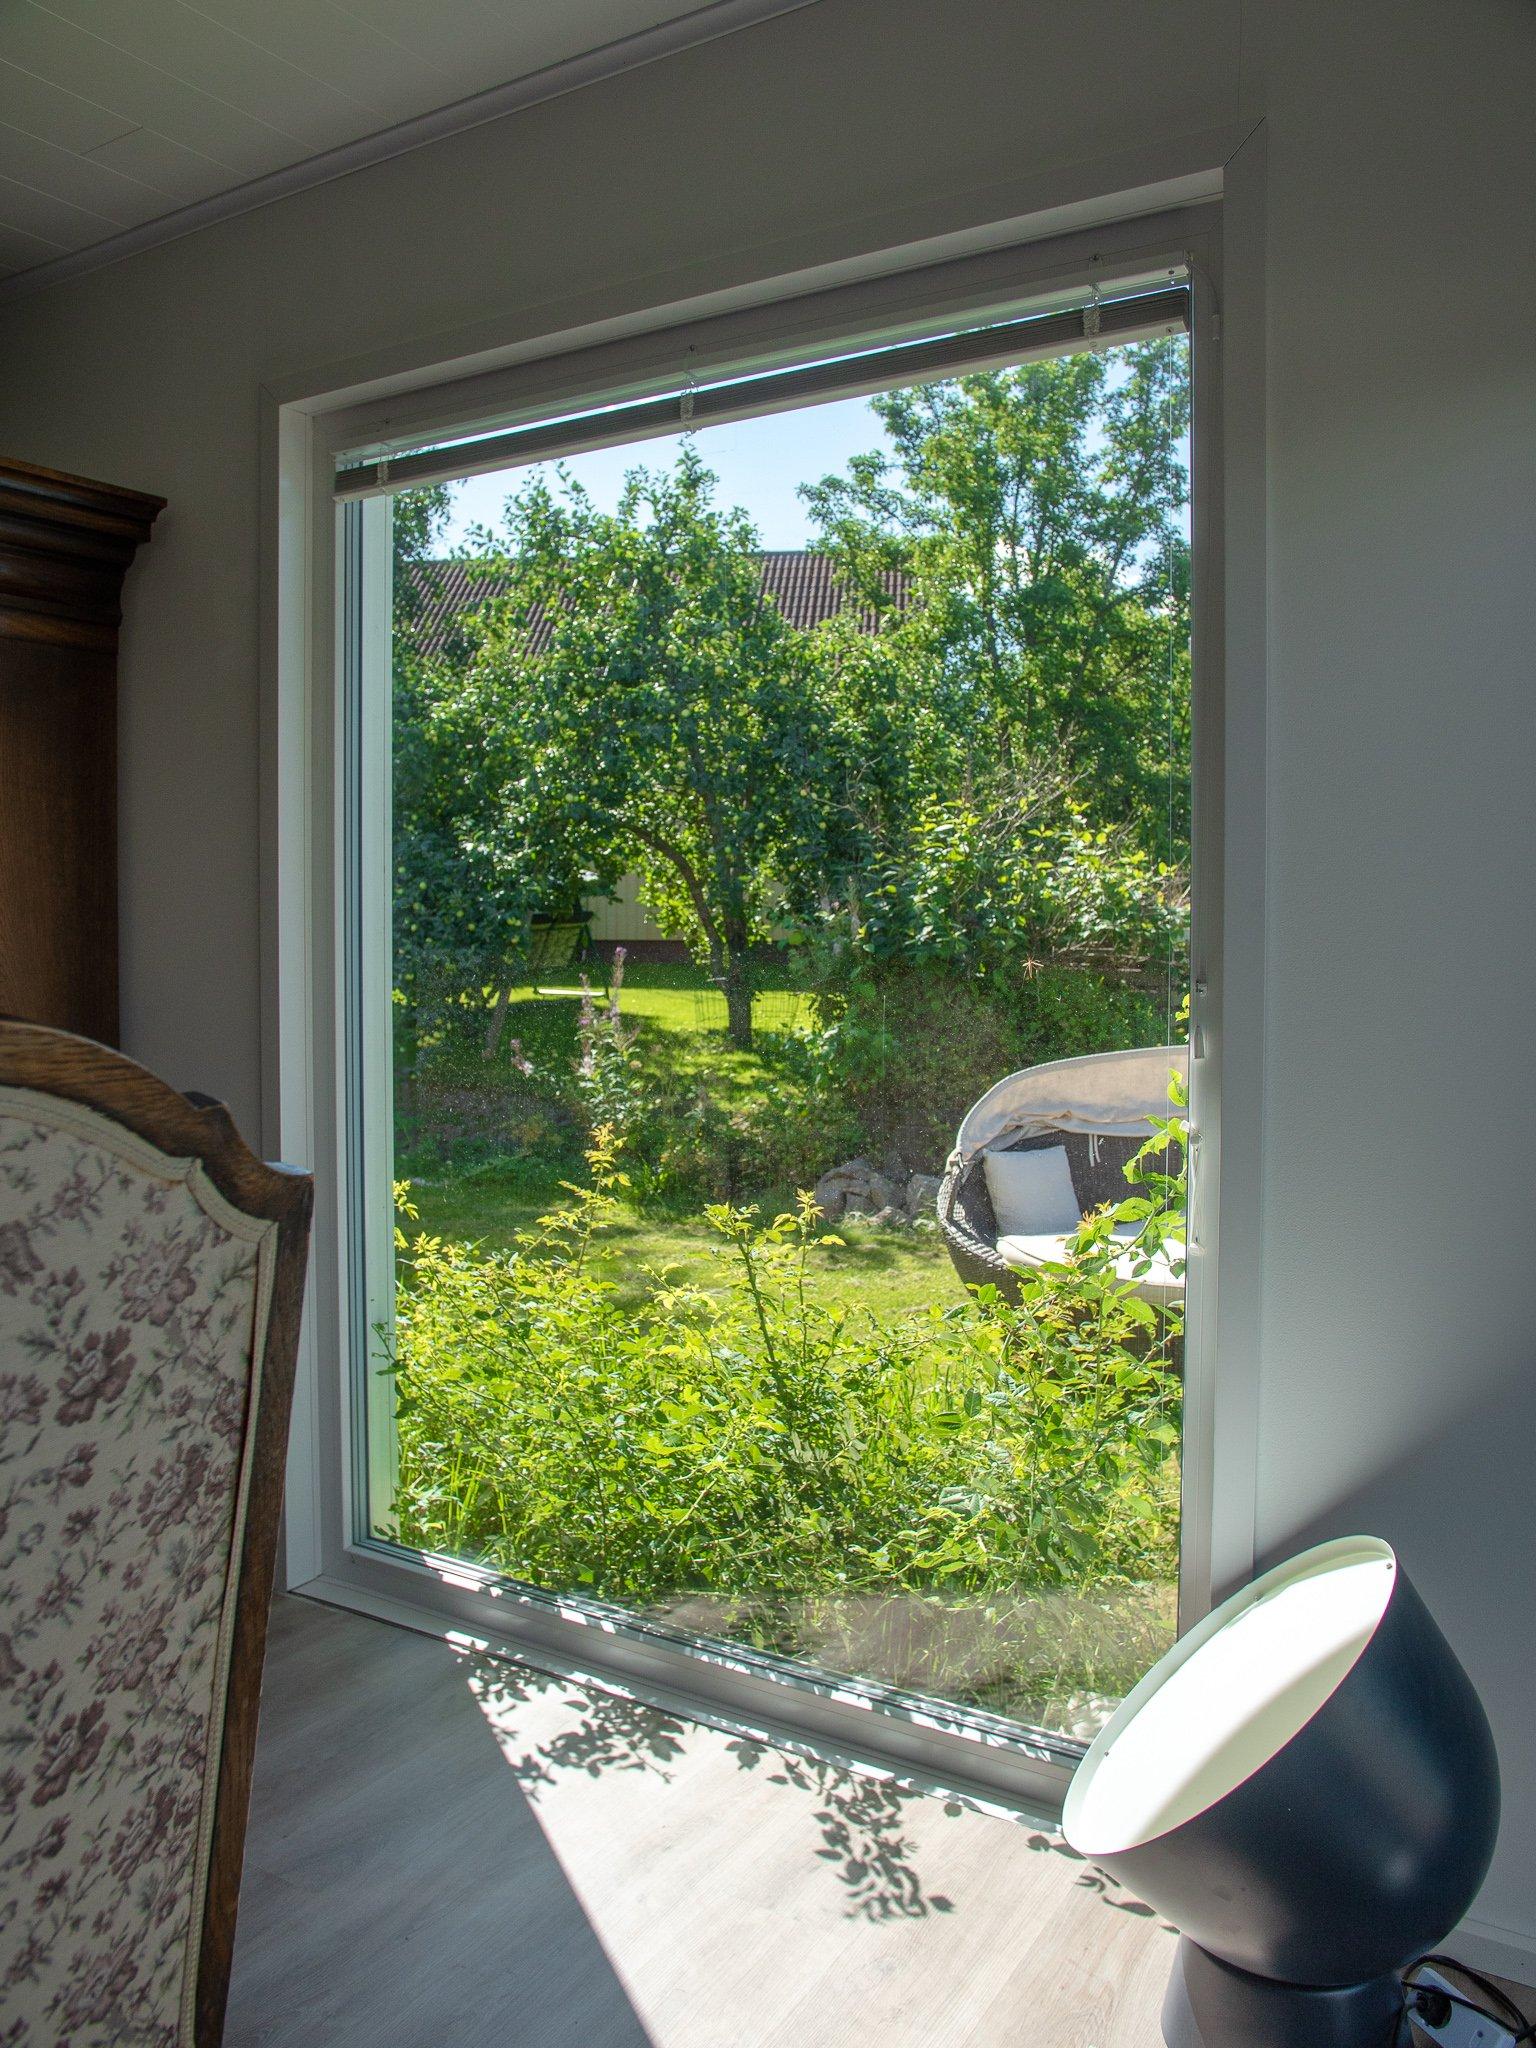 Isot ikkunapinnat tuo luonnon lähelle